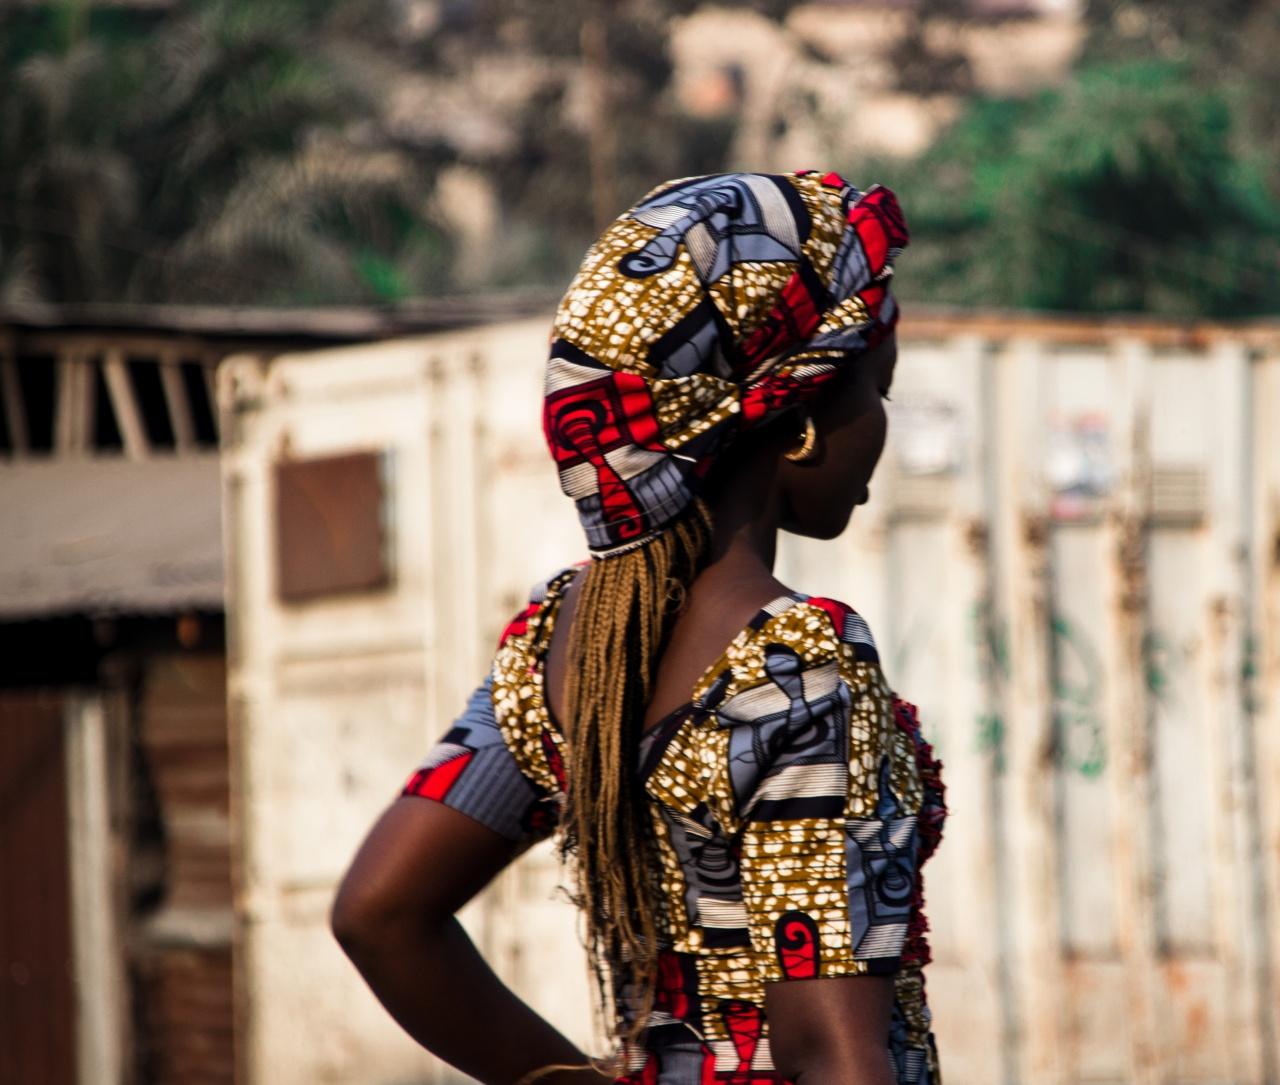 The women of Congo